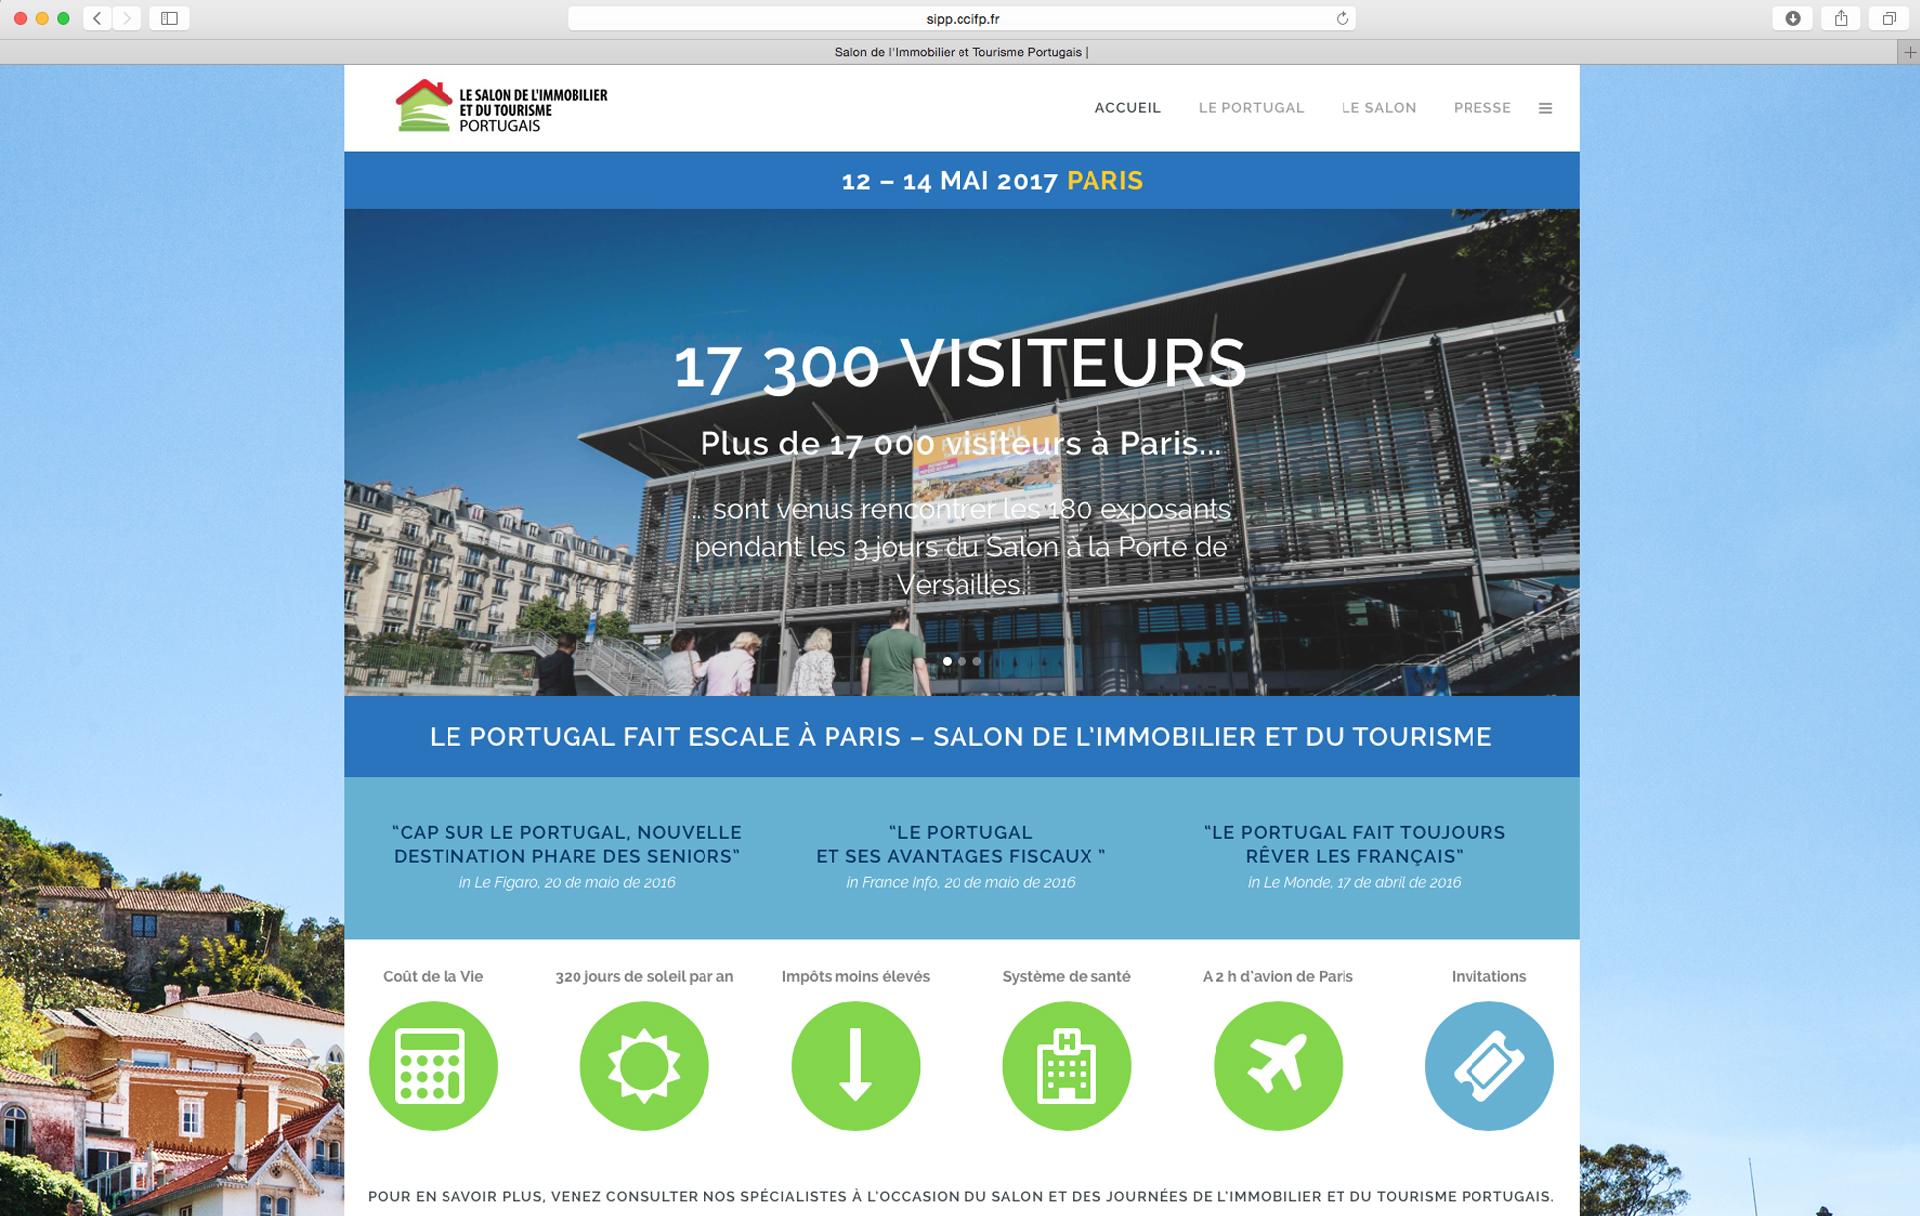 sipp.ccifp.fr